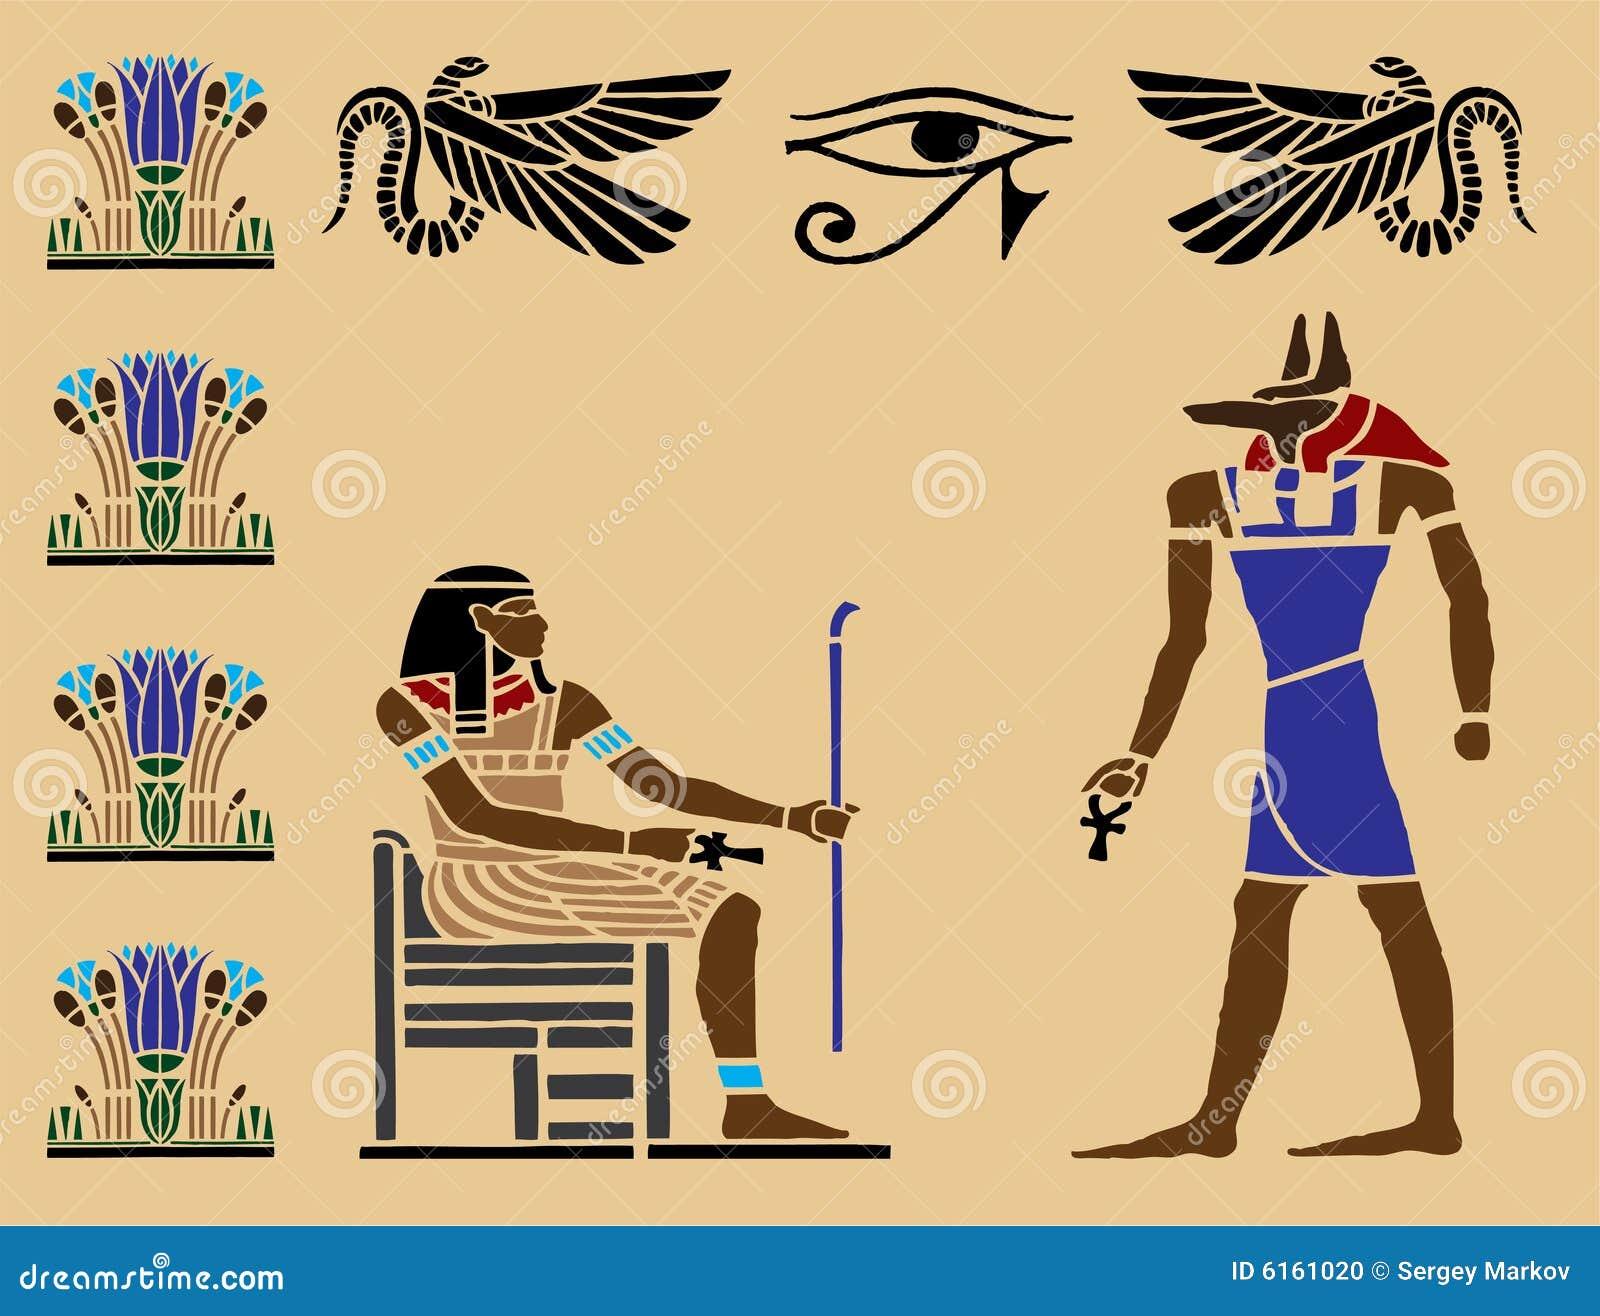 Hieroglyphics egipcios - 6